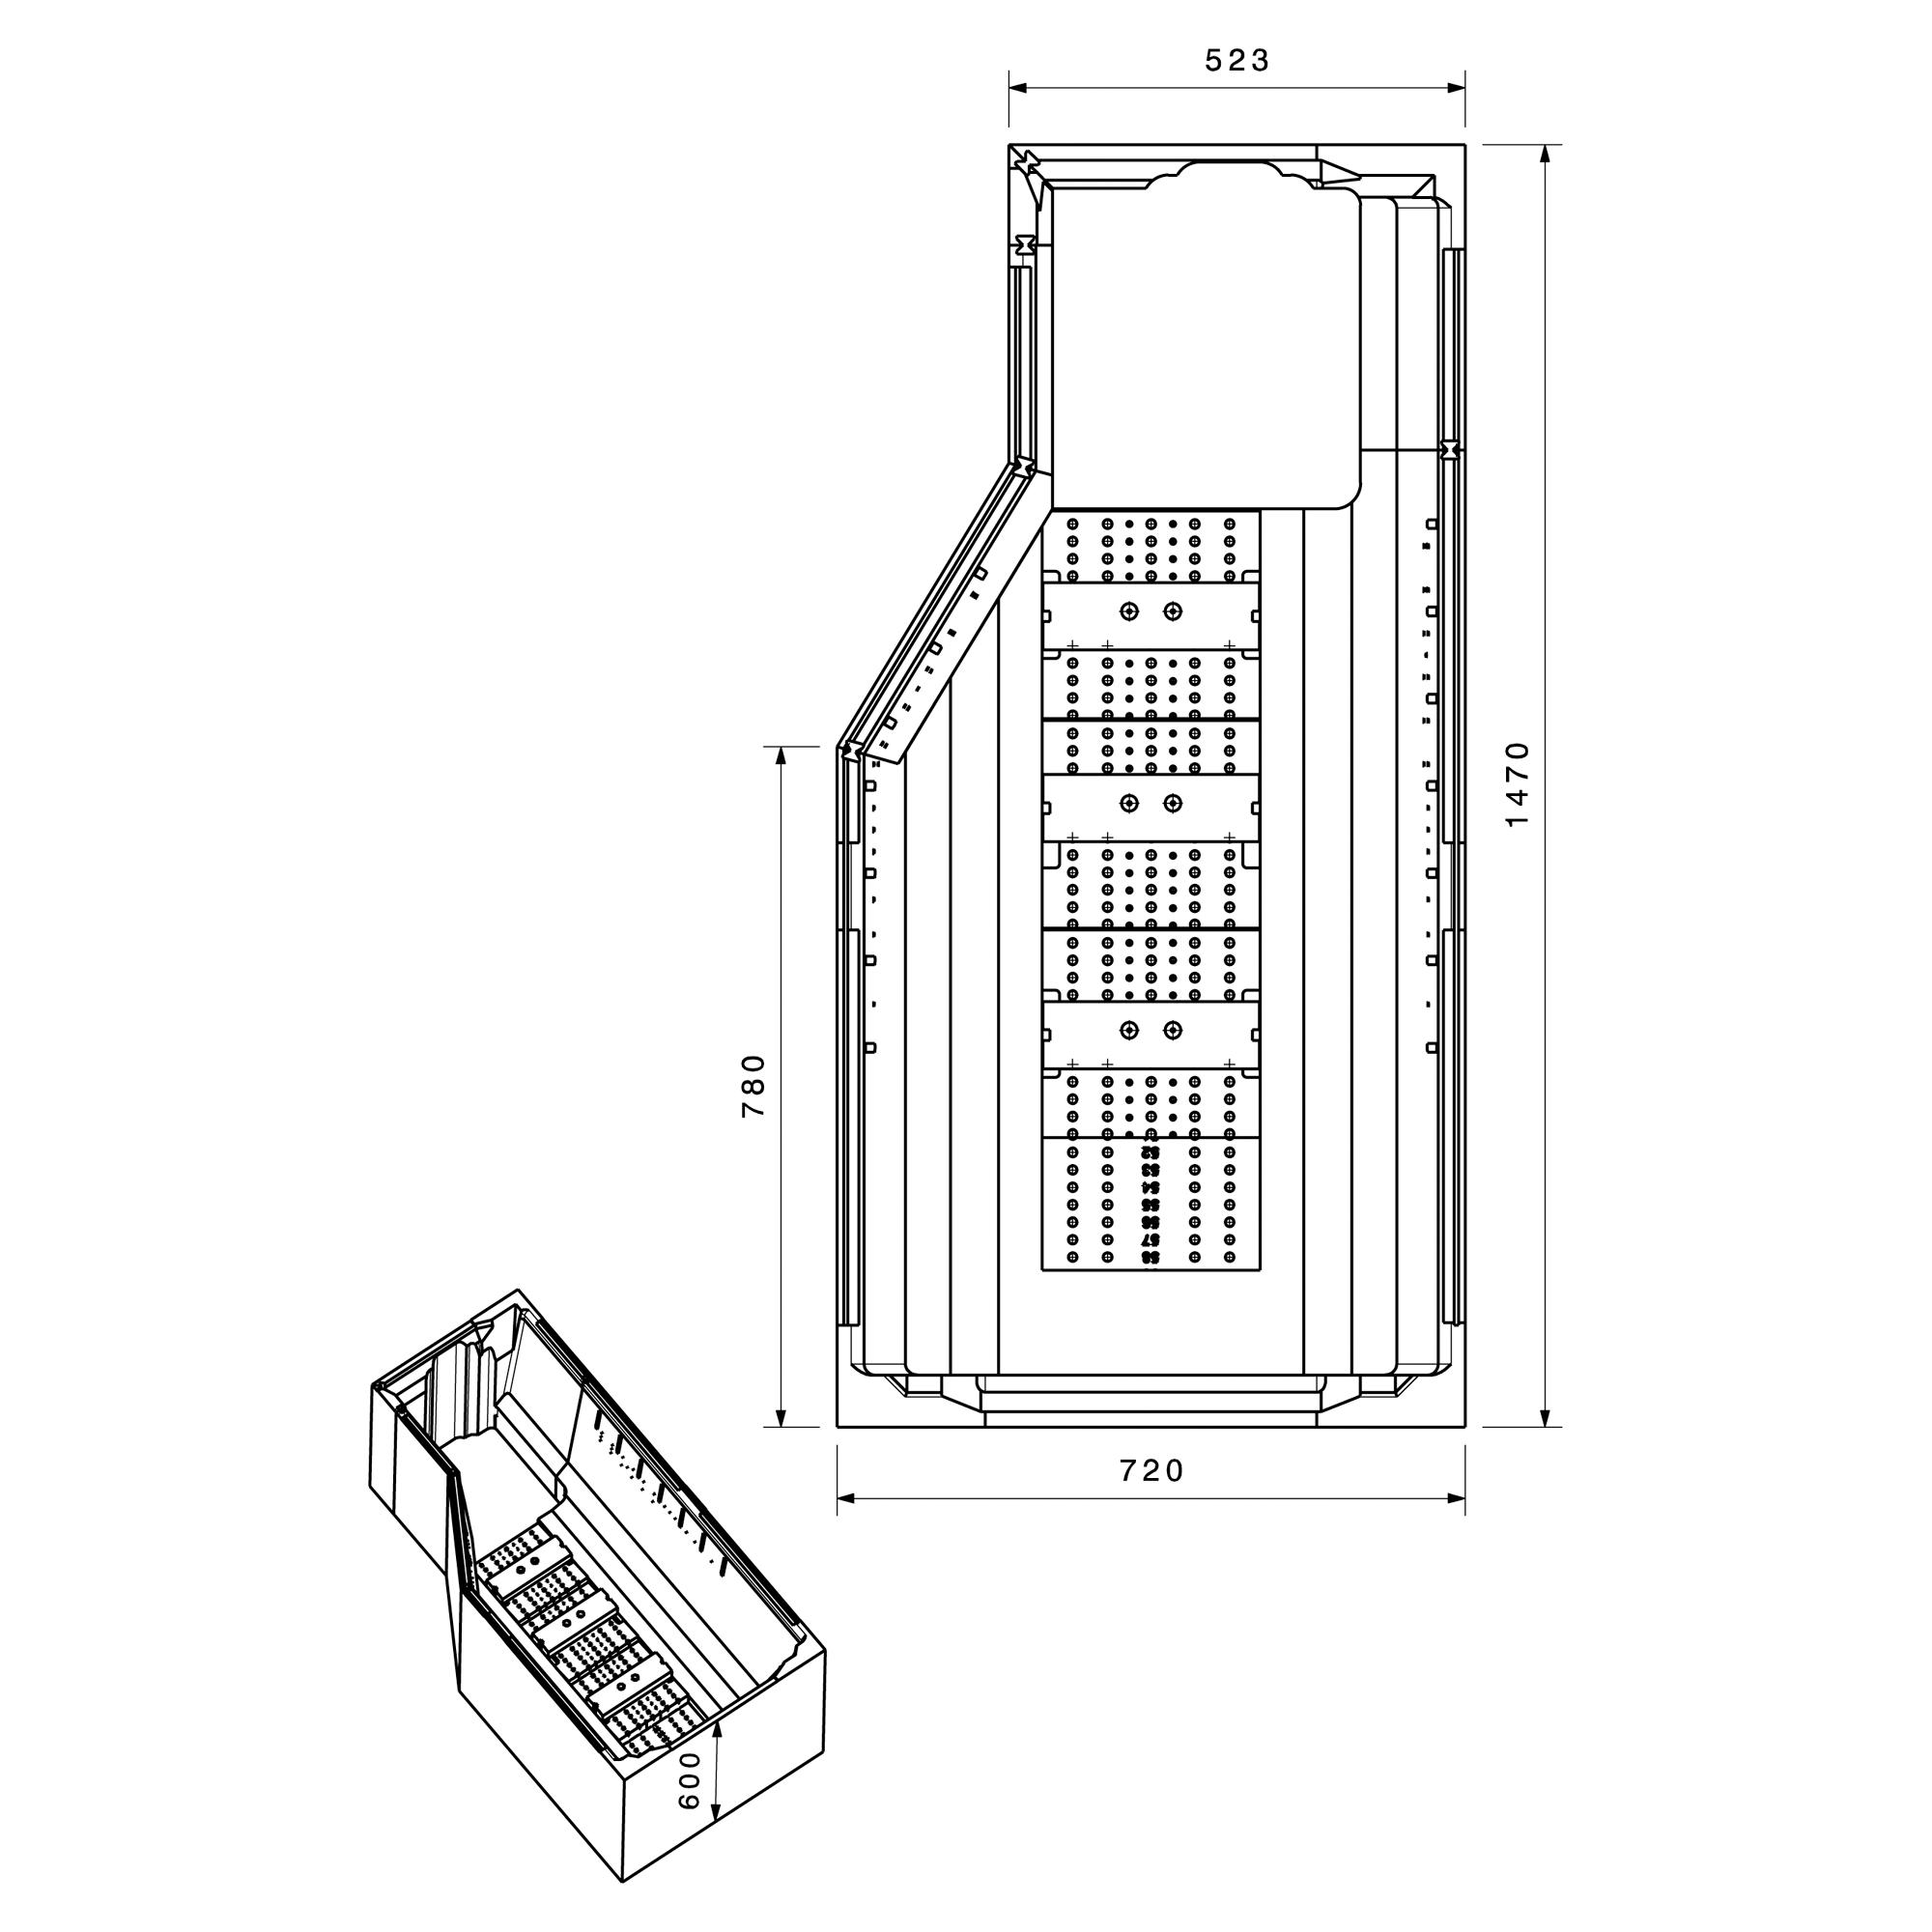 Badewannen Toom Baumarkt Traeger Schematic Wannentrger Cello 1470 X 720 600 Mm Modell A